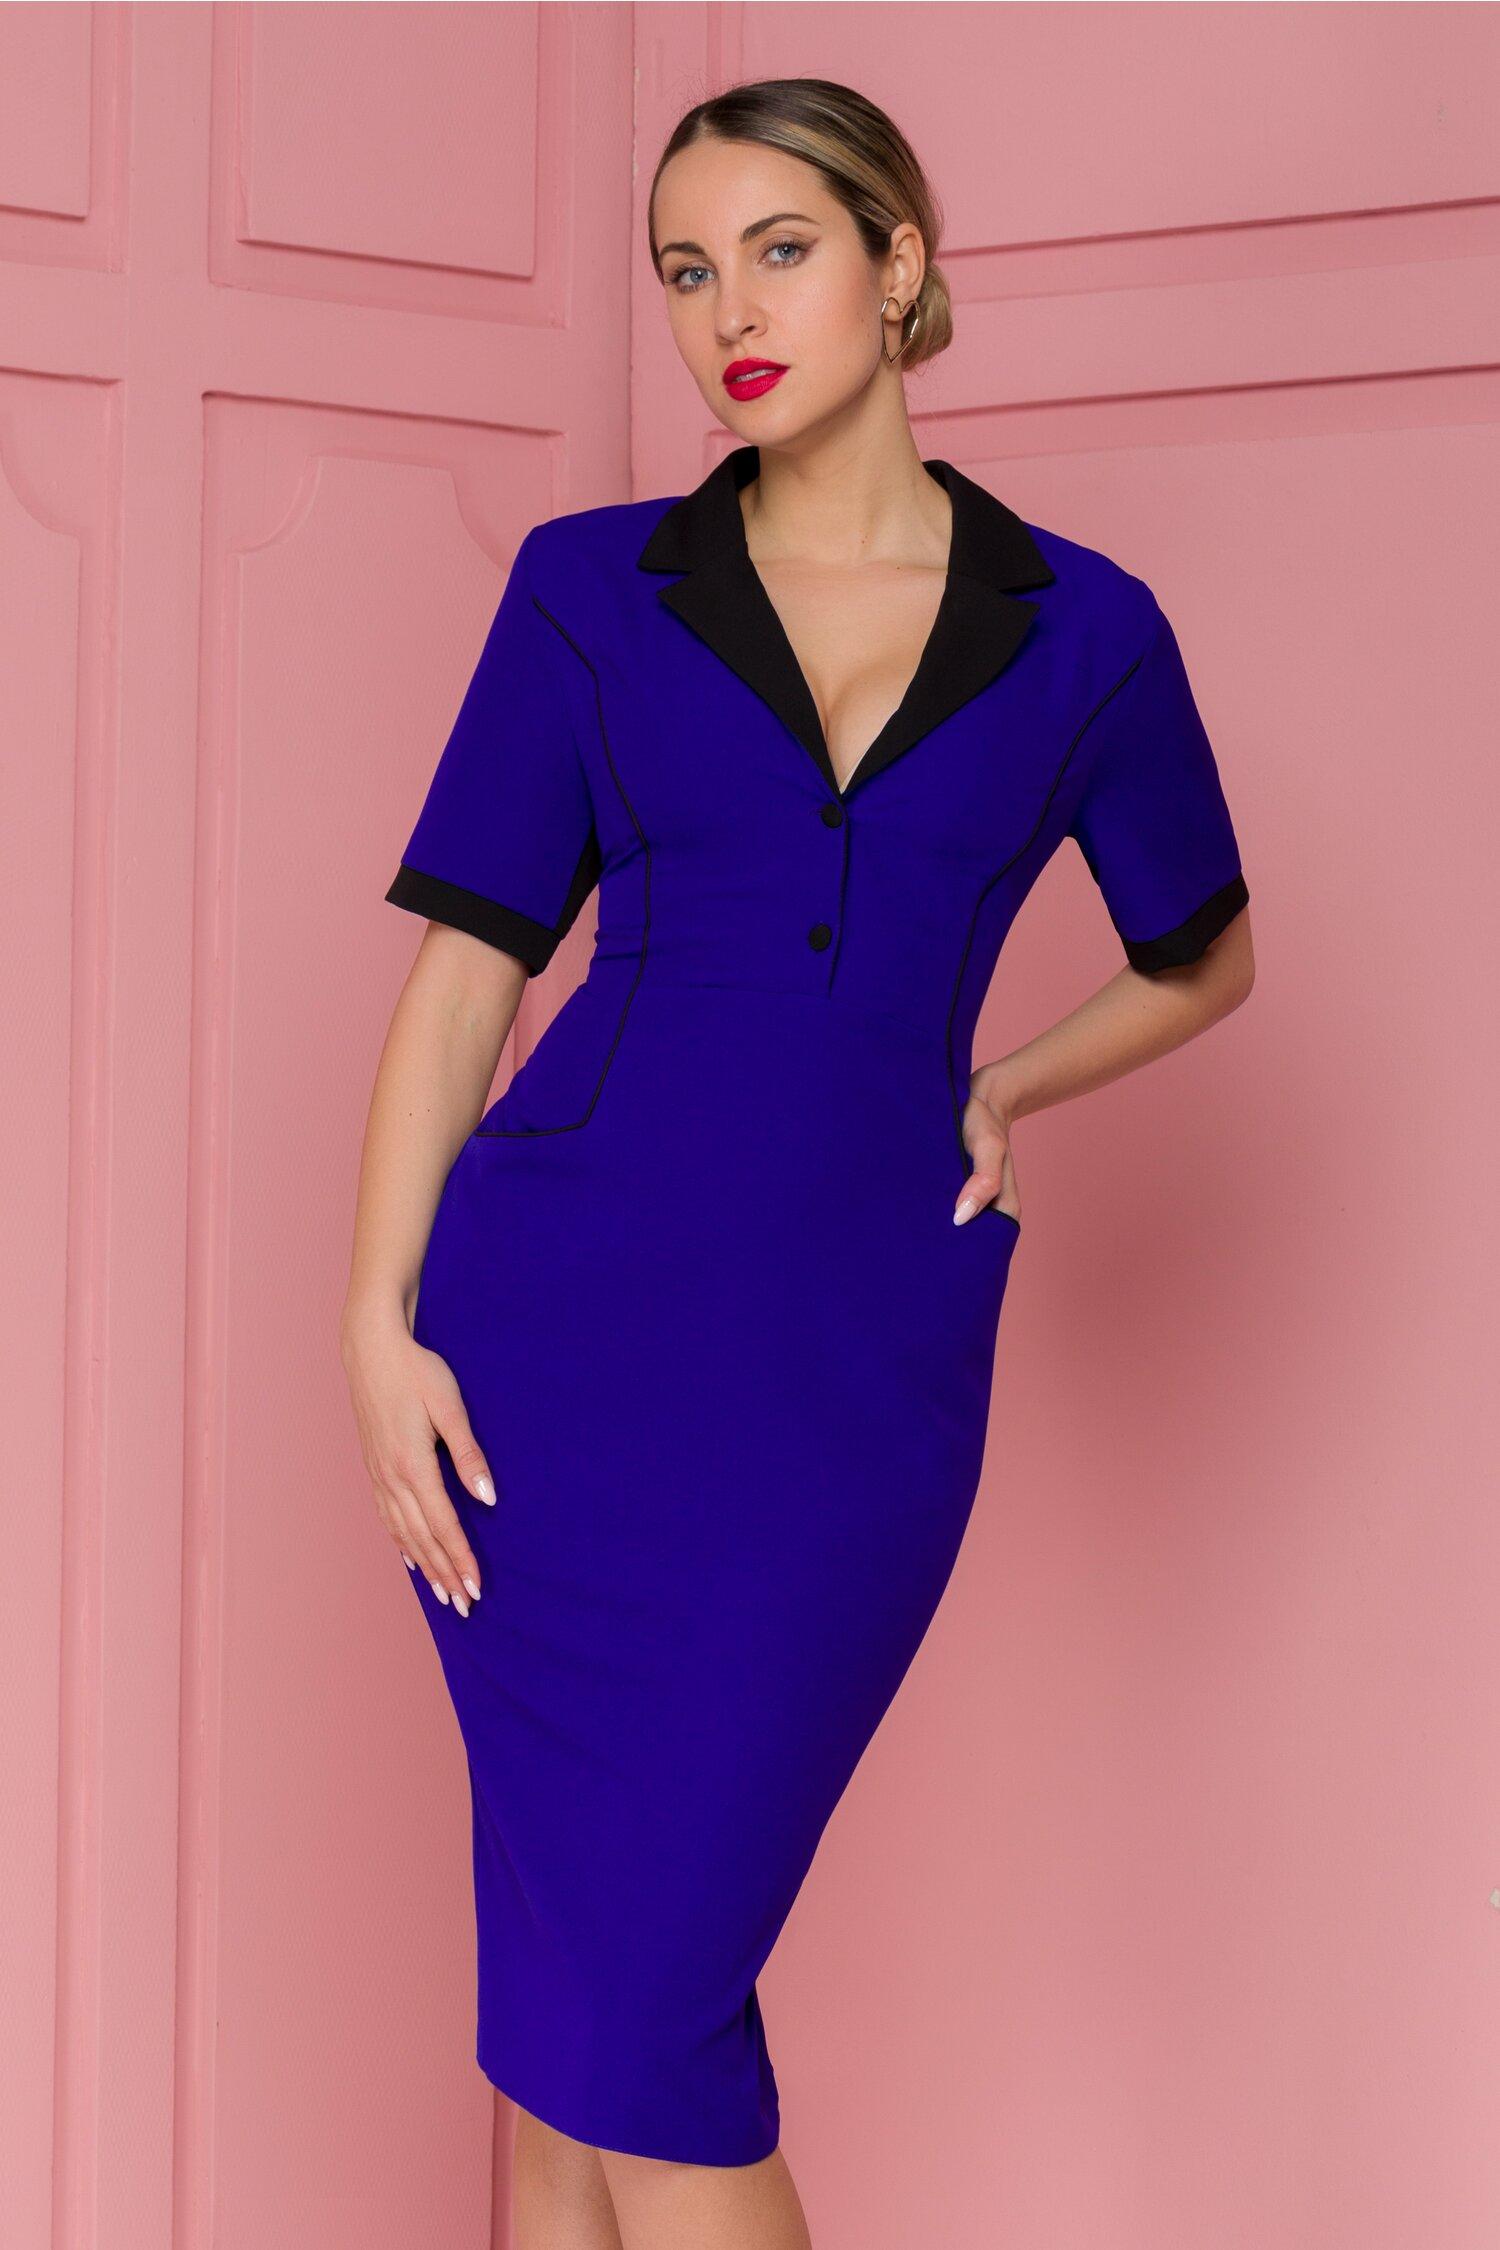 Rochie Iulia albastra cu detalii negre